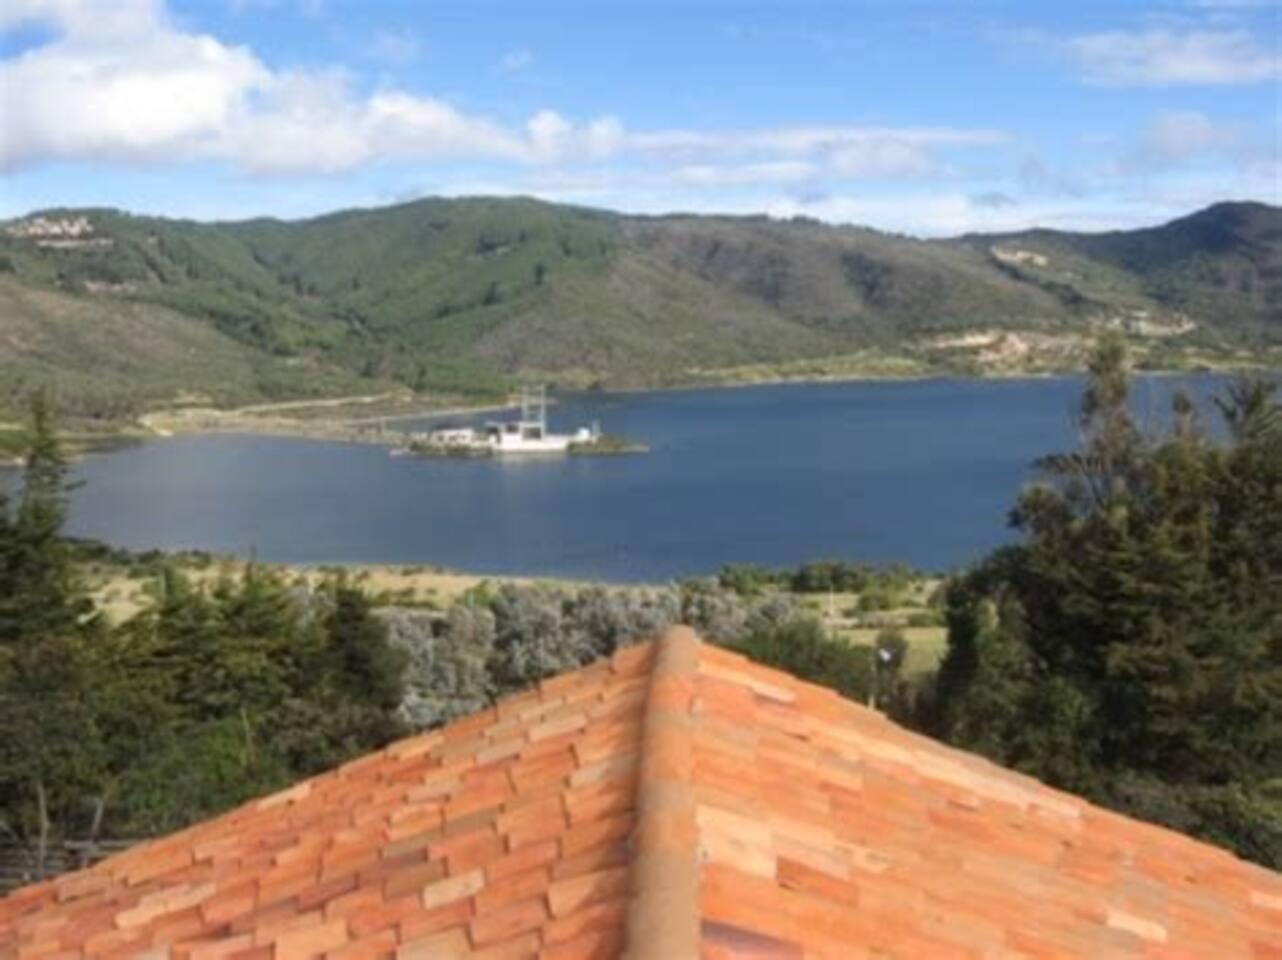 mi casa es lo mejor, ubicada cerca a la ciudad de Bogotá (a 10 minutos) en el mejor ambiente rural y con todos los servicios necesarios. excelente vista a la ciudad y alos pueblos aledaños; miradores y mucha naturaleza.